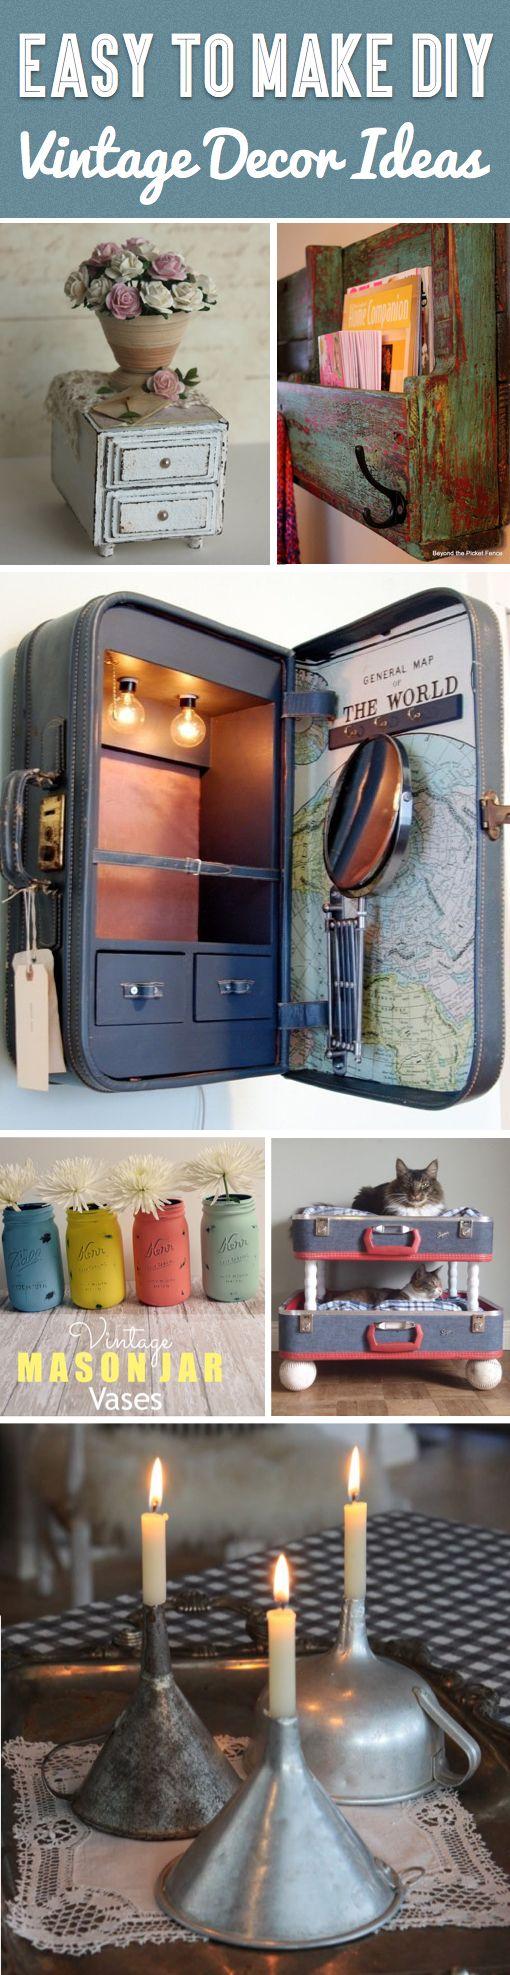 25 easy to make diy vintage decor ideas weihnacht deko projekte und vintage. Black Bedroom Furniture Sets. Home Design Ideas